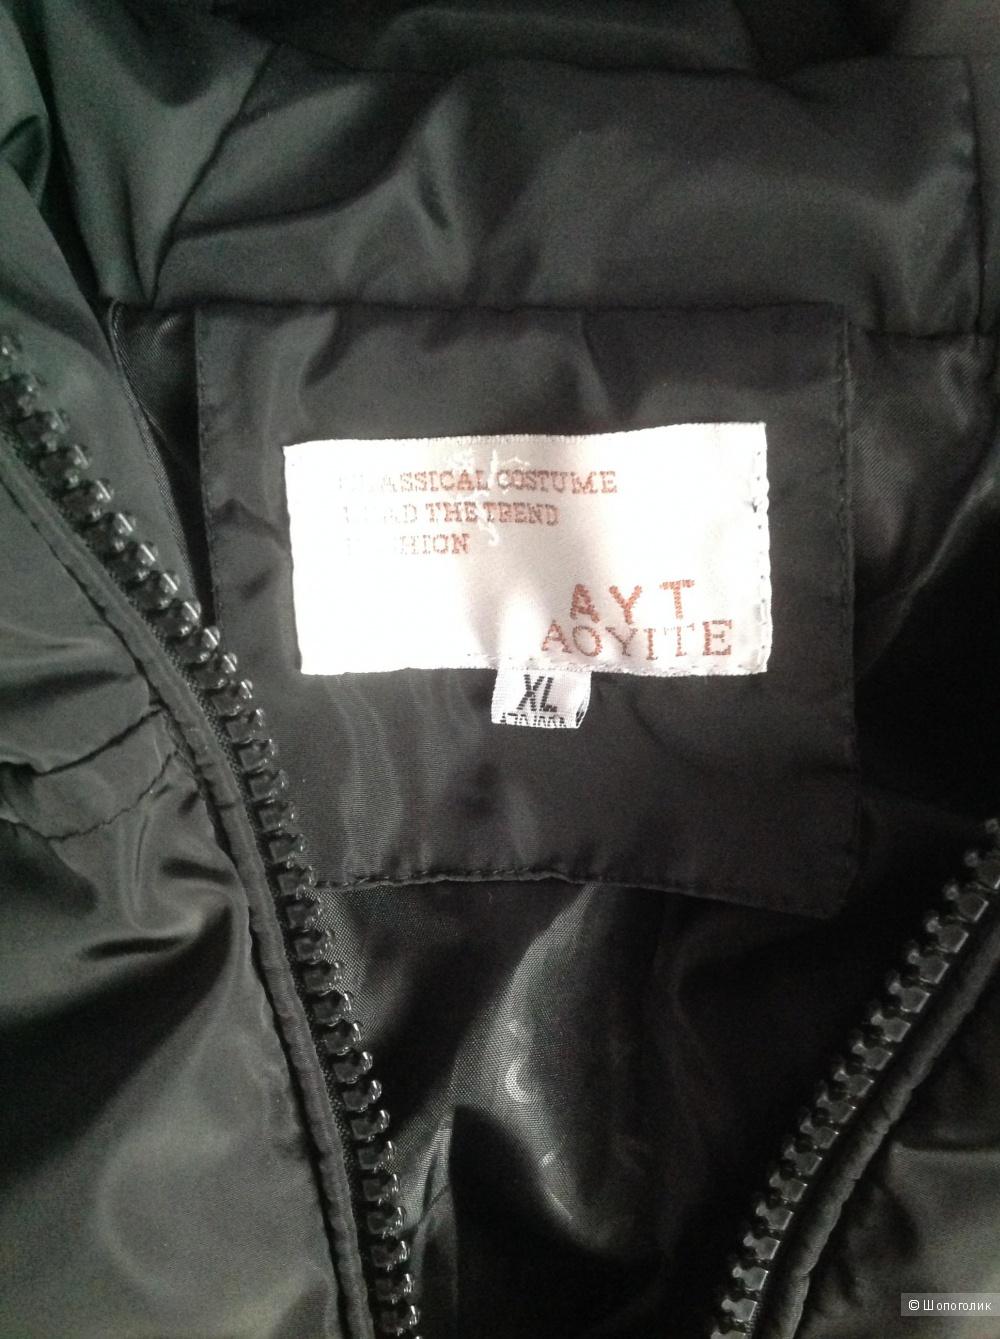 Куртка, AYT AOYITE, разм. 40-42 (рос.)